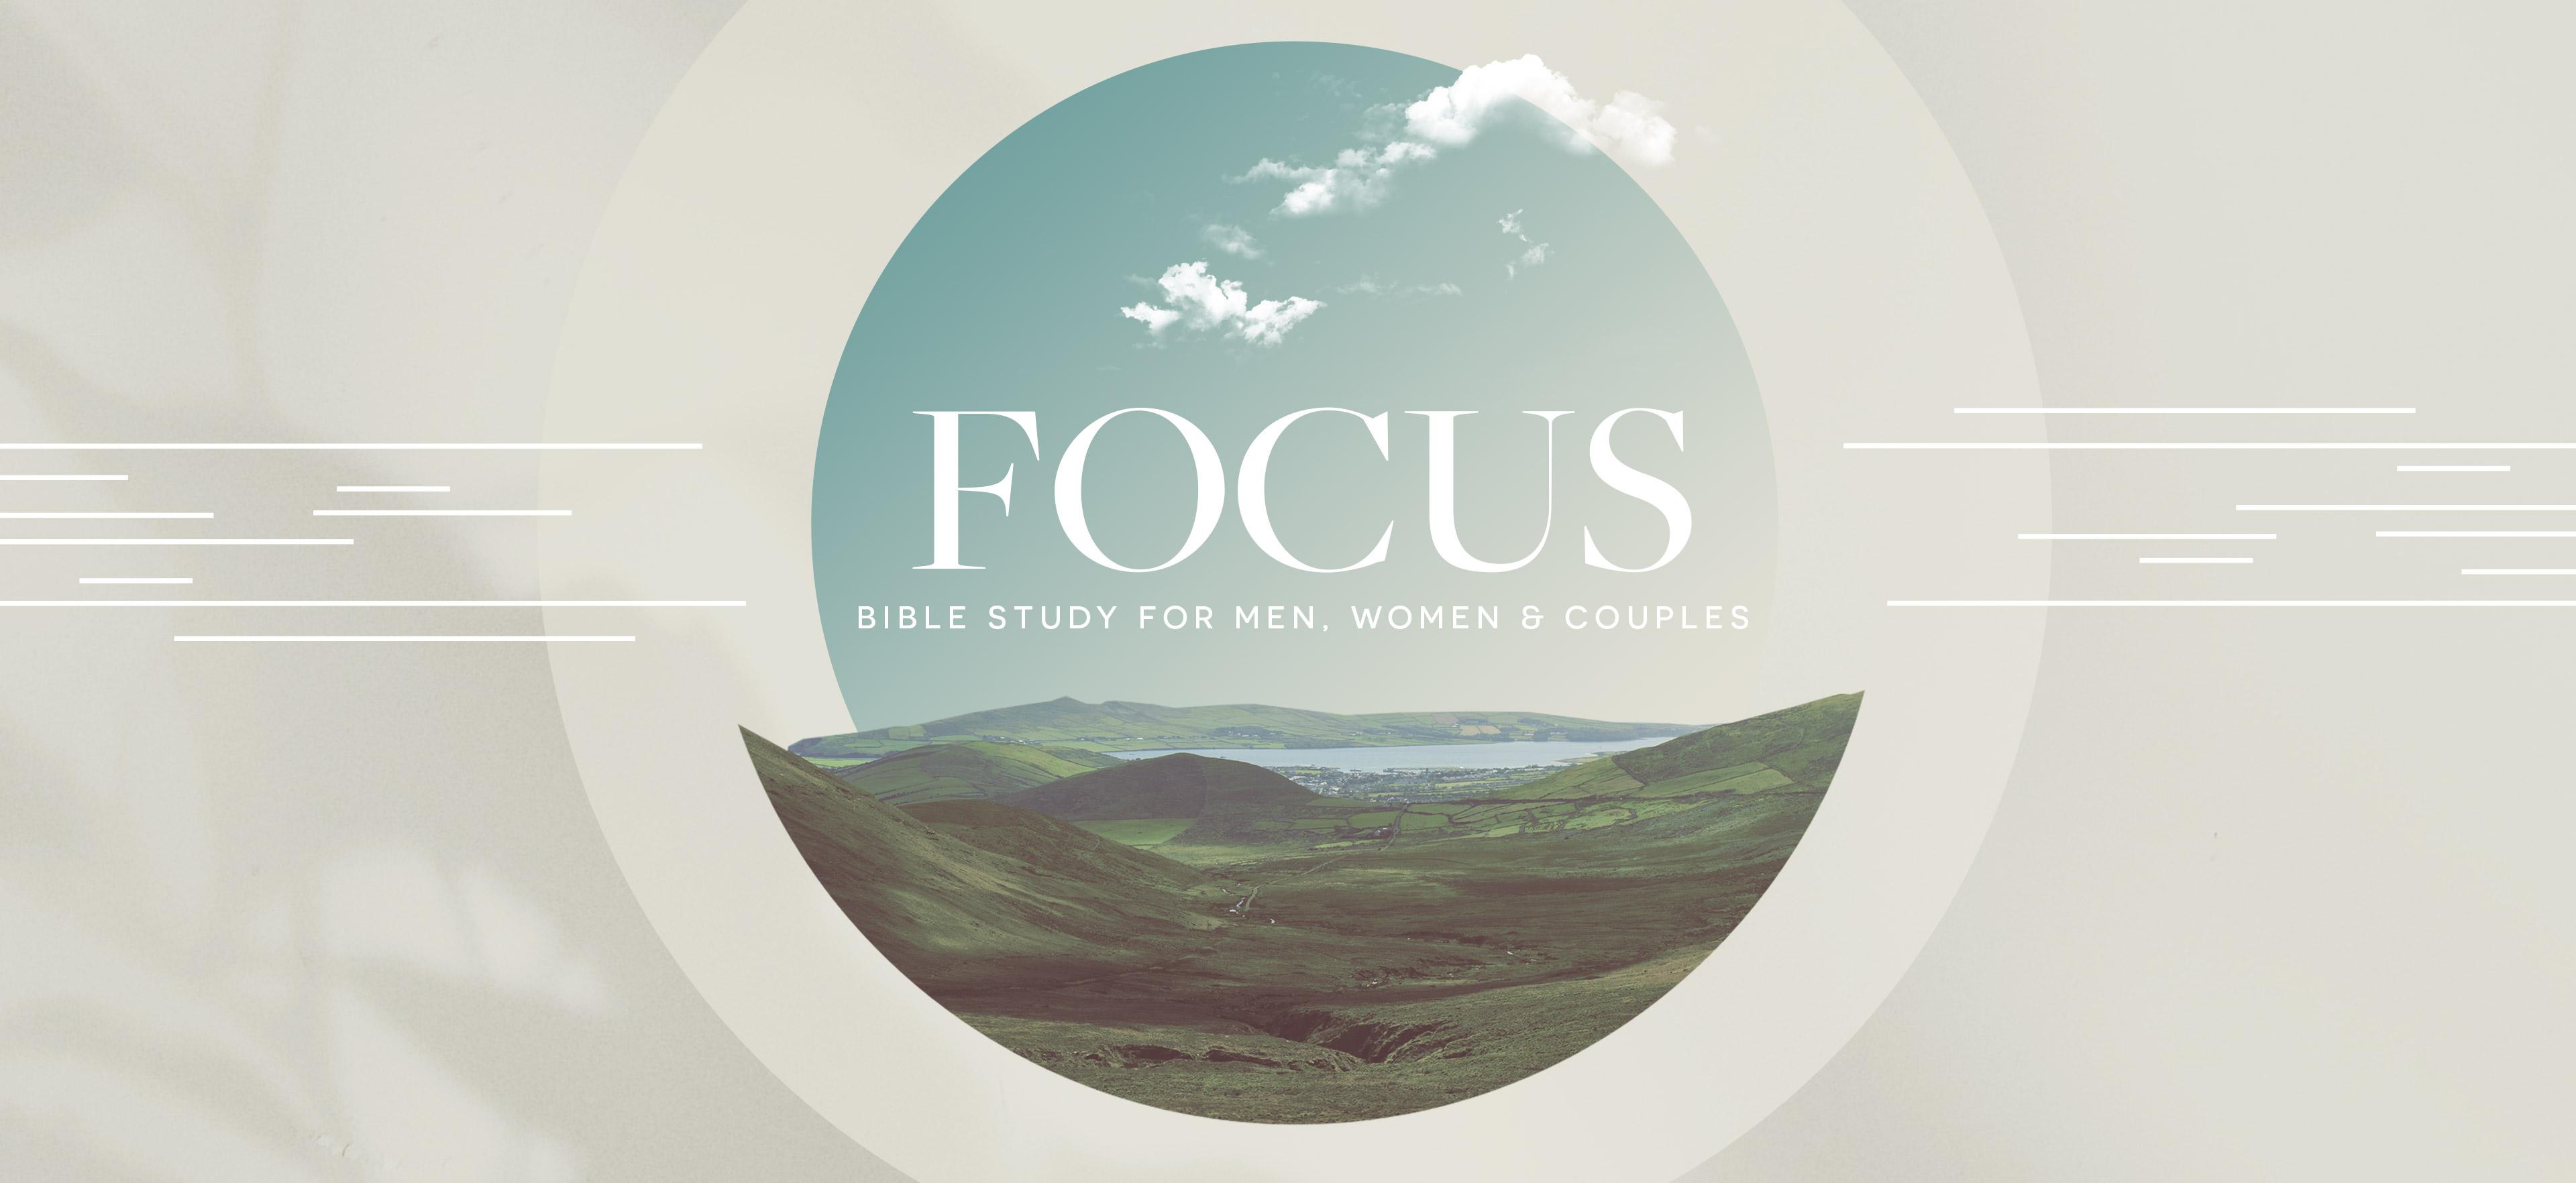 Focus Bible Study